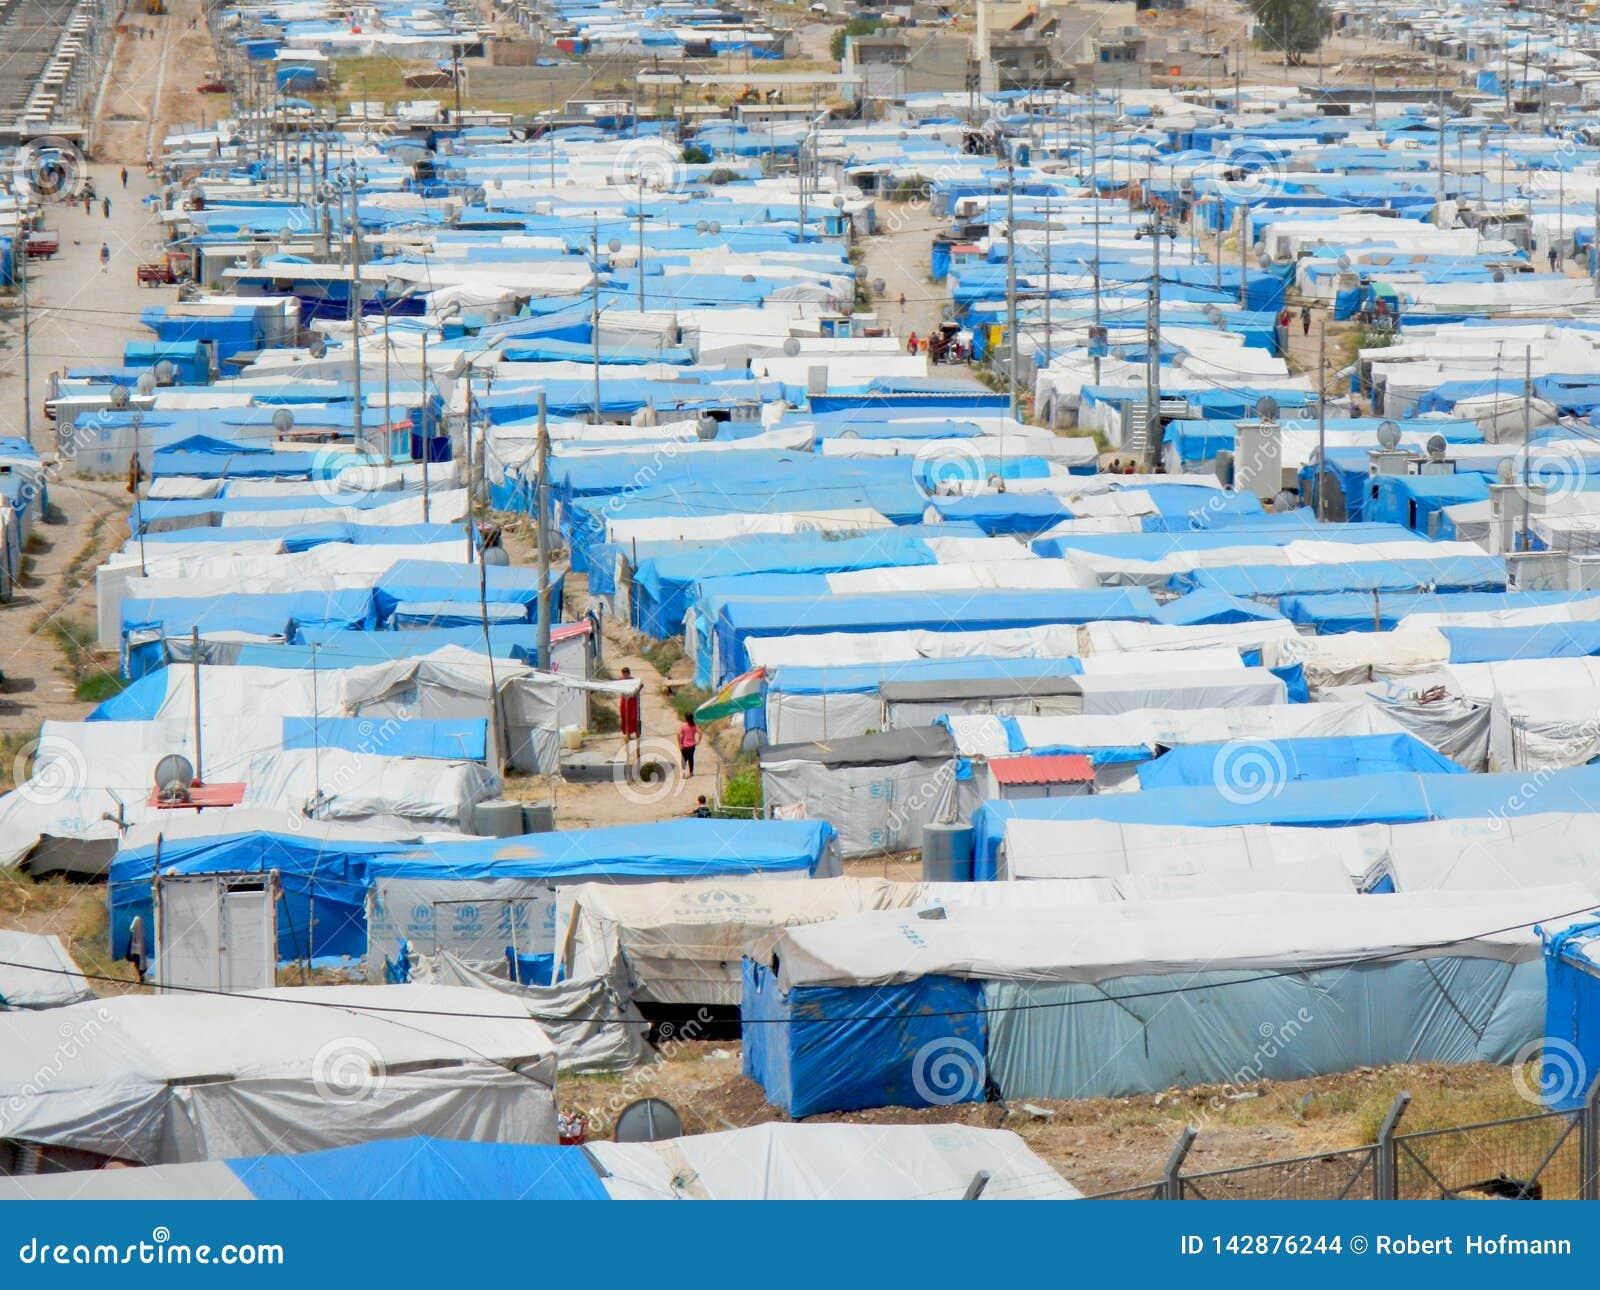 22 05 2017, Kawergosk, Ирак : Переполнятьый лагерь беженцев в Ираке с беженцами исчезая от или исламское государство